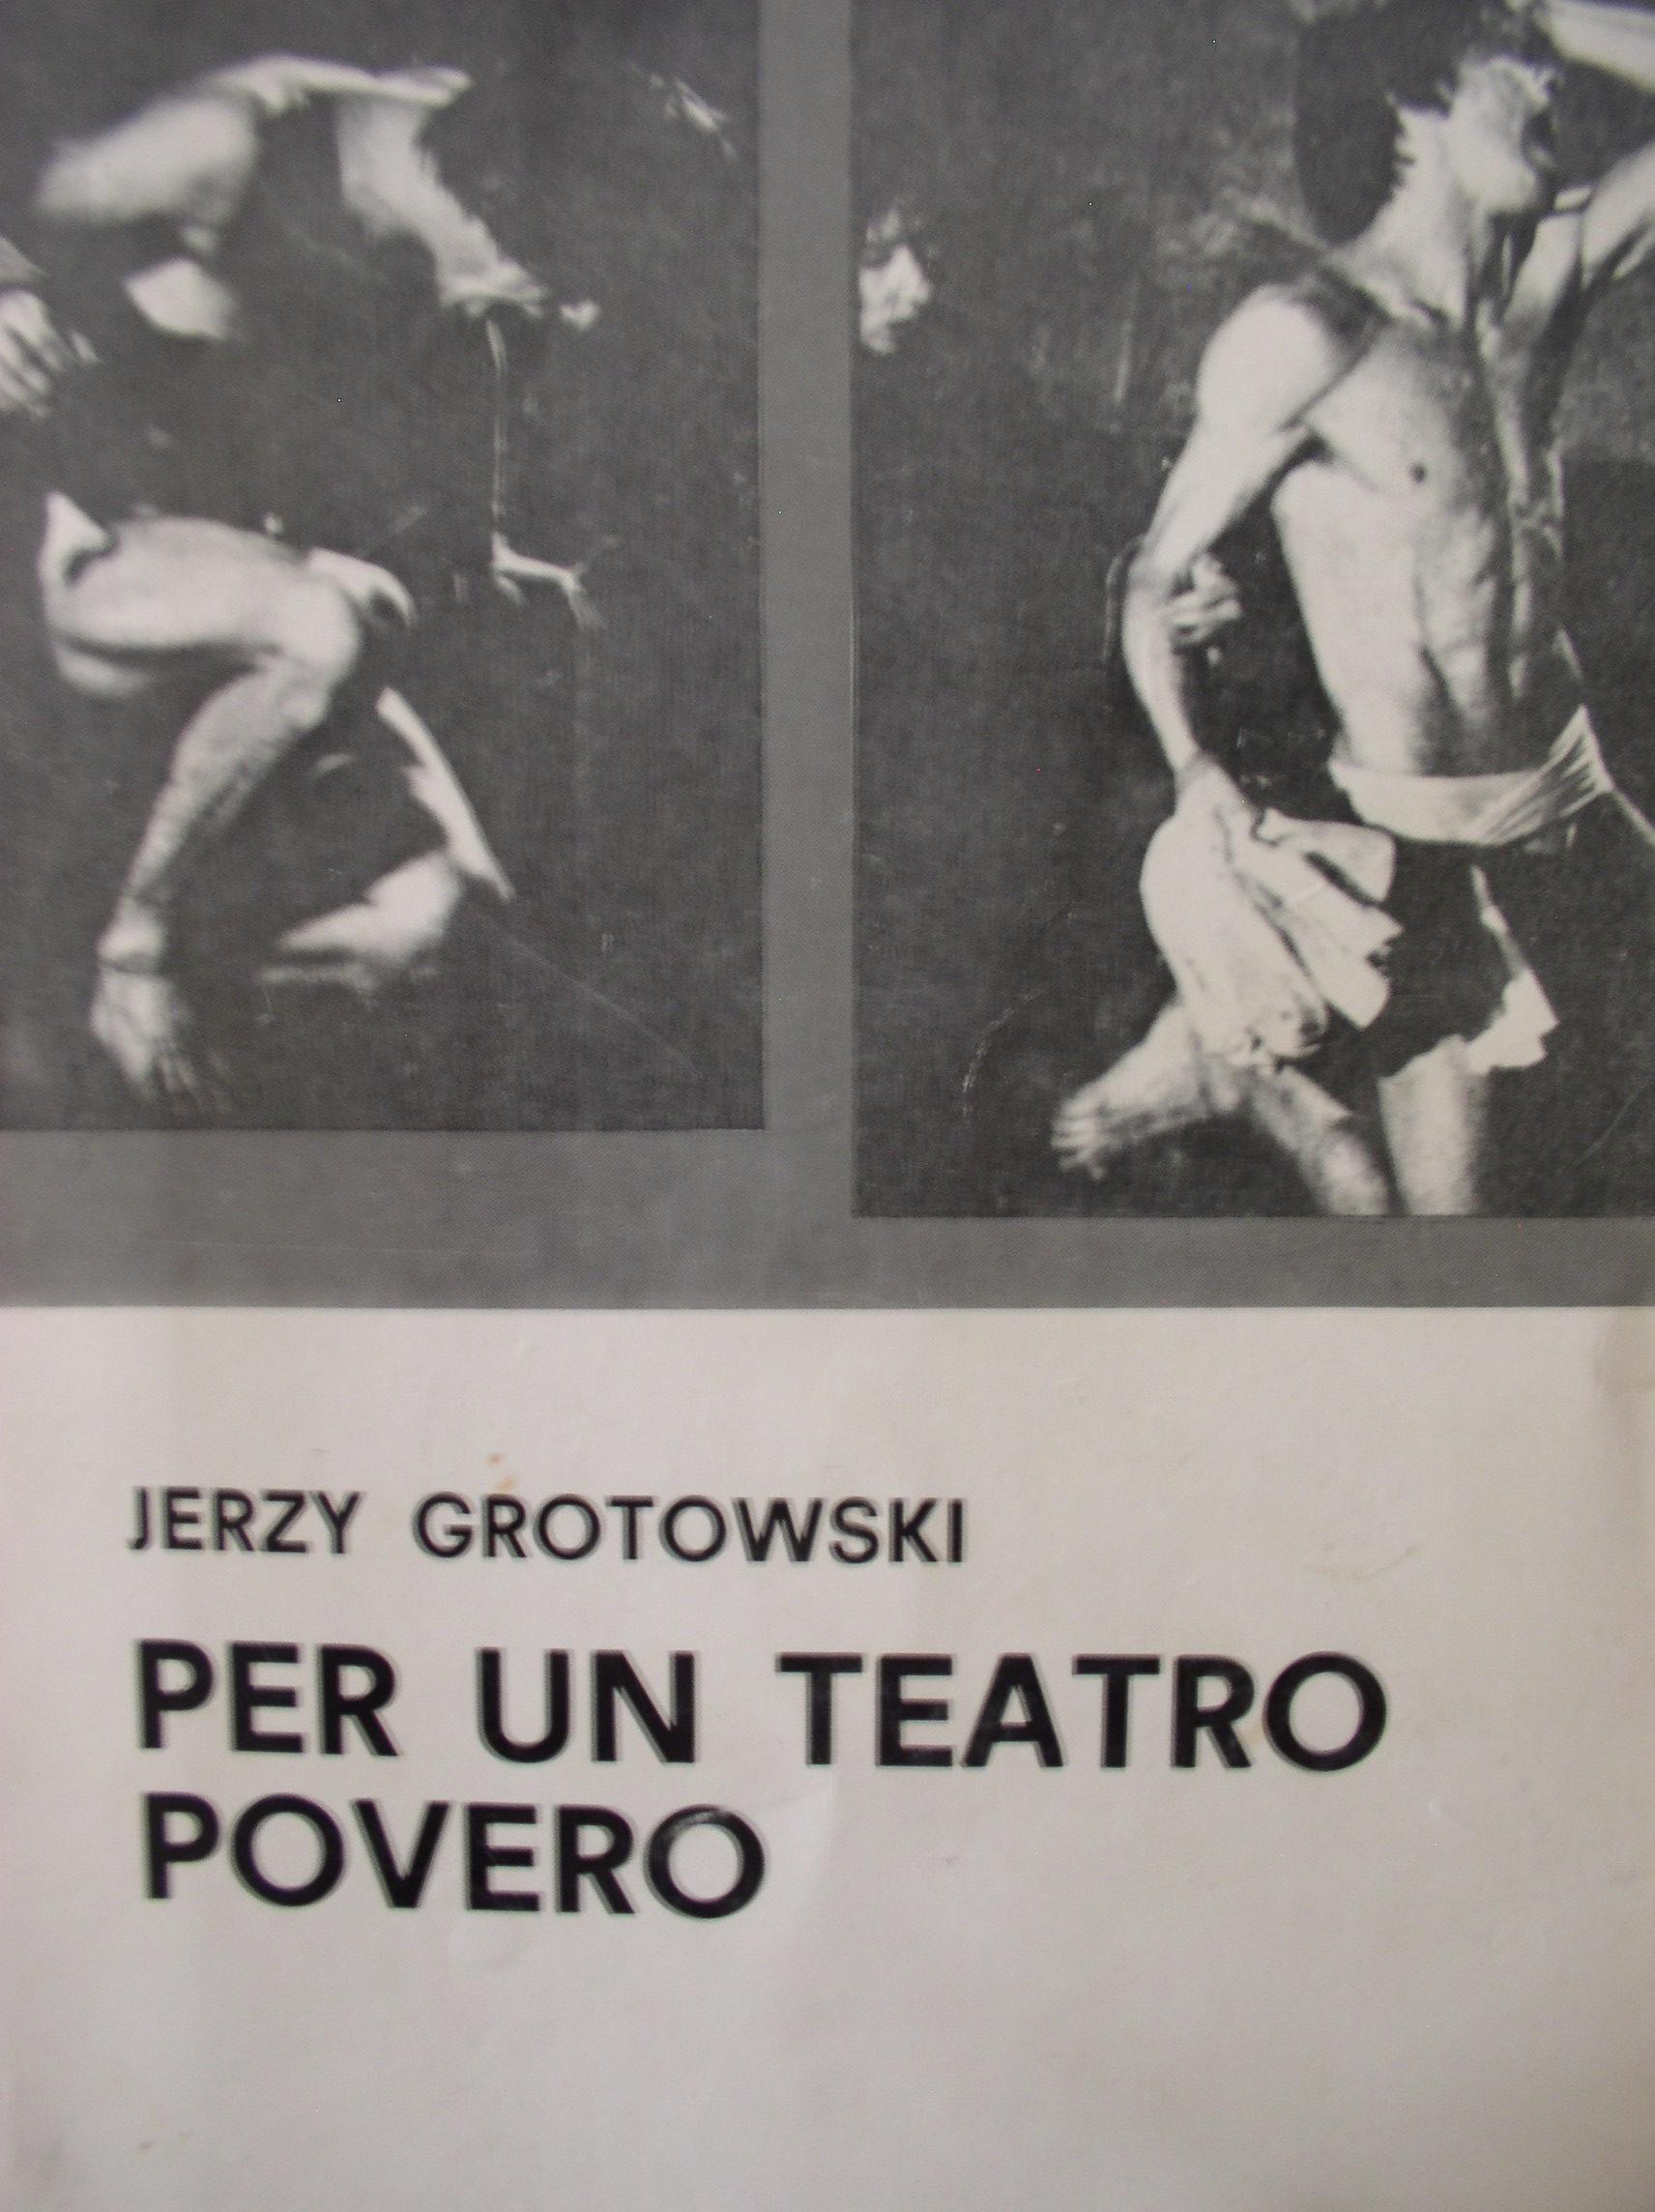 Per un teatro povero